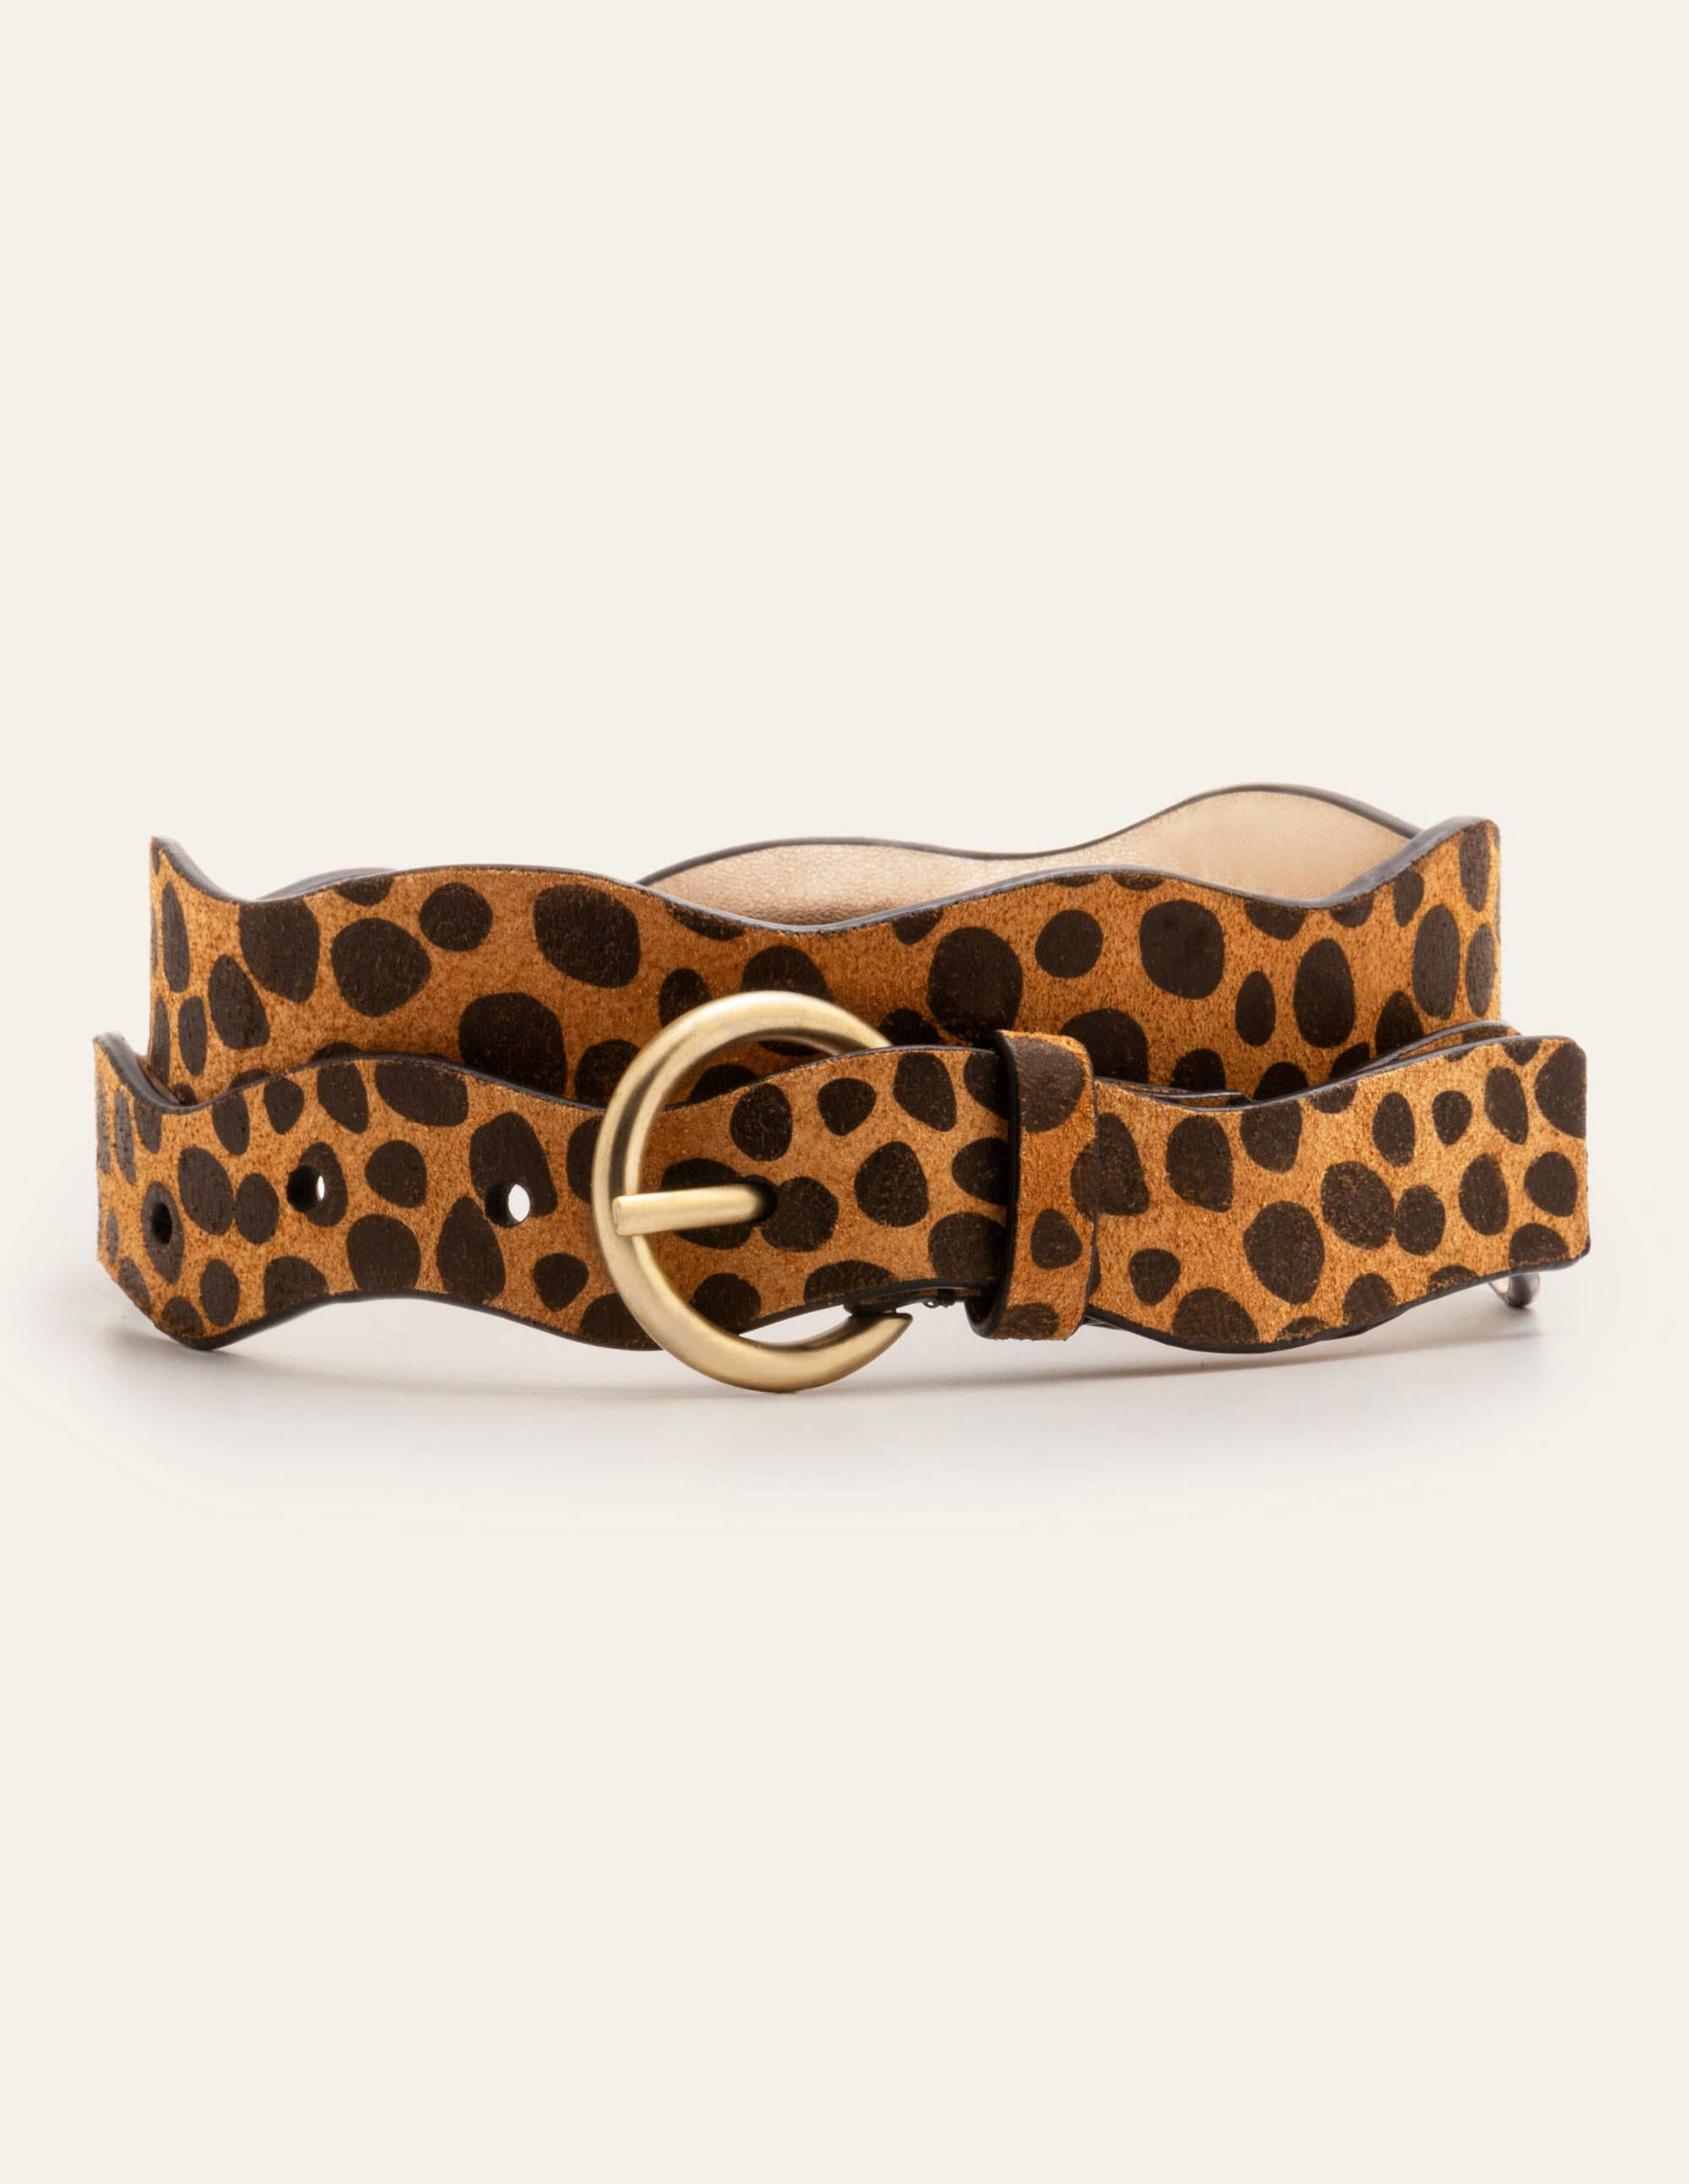 Boden Wavy Edge Belt - Natural Cheetah